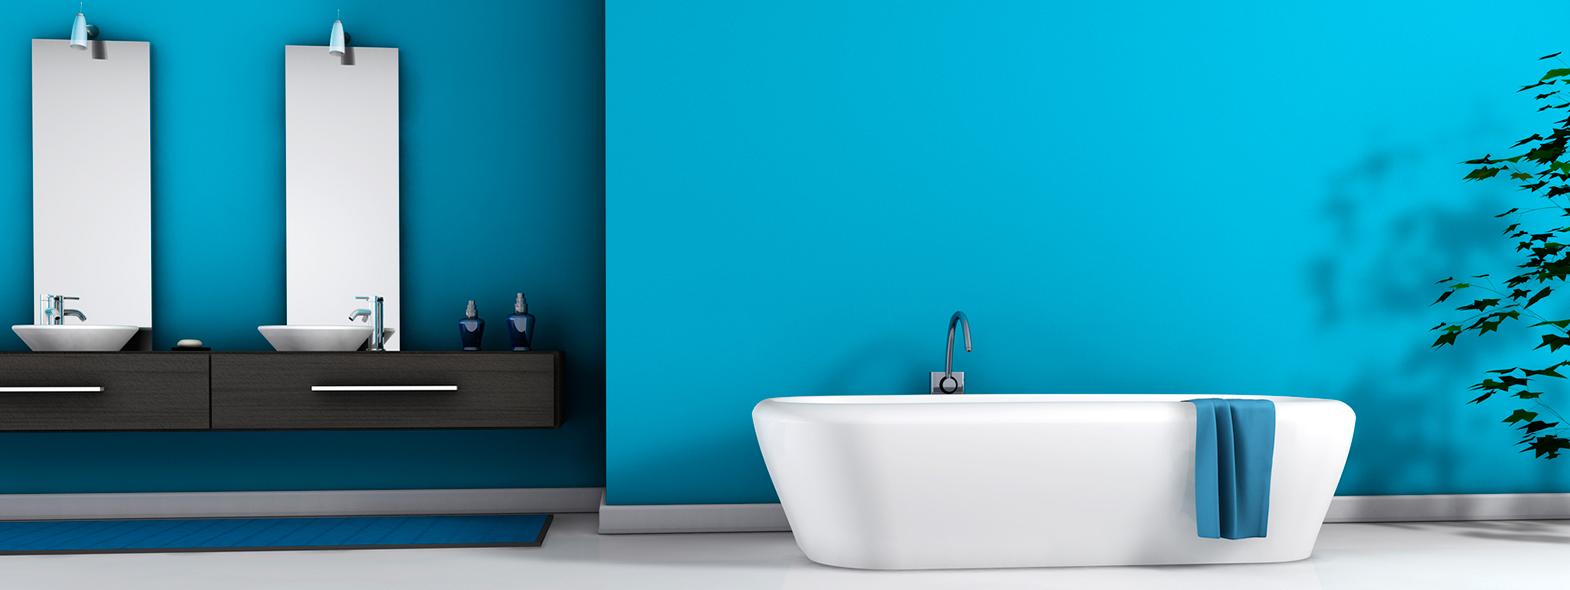 peinture sp ciale carrelage salle de bain id es de travaux. Black Bedroom Furniture Sets. Home Design Ideas